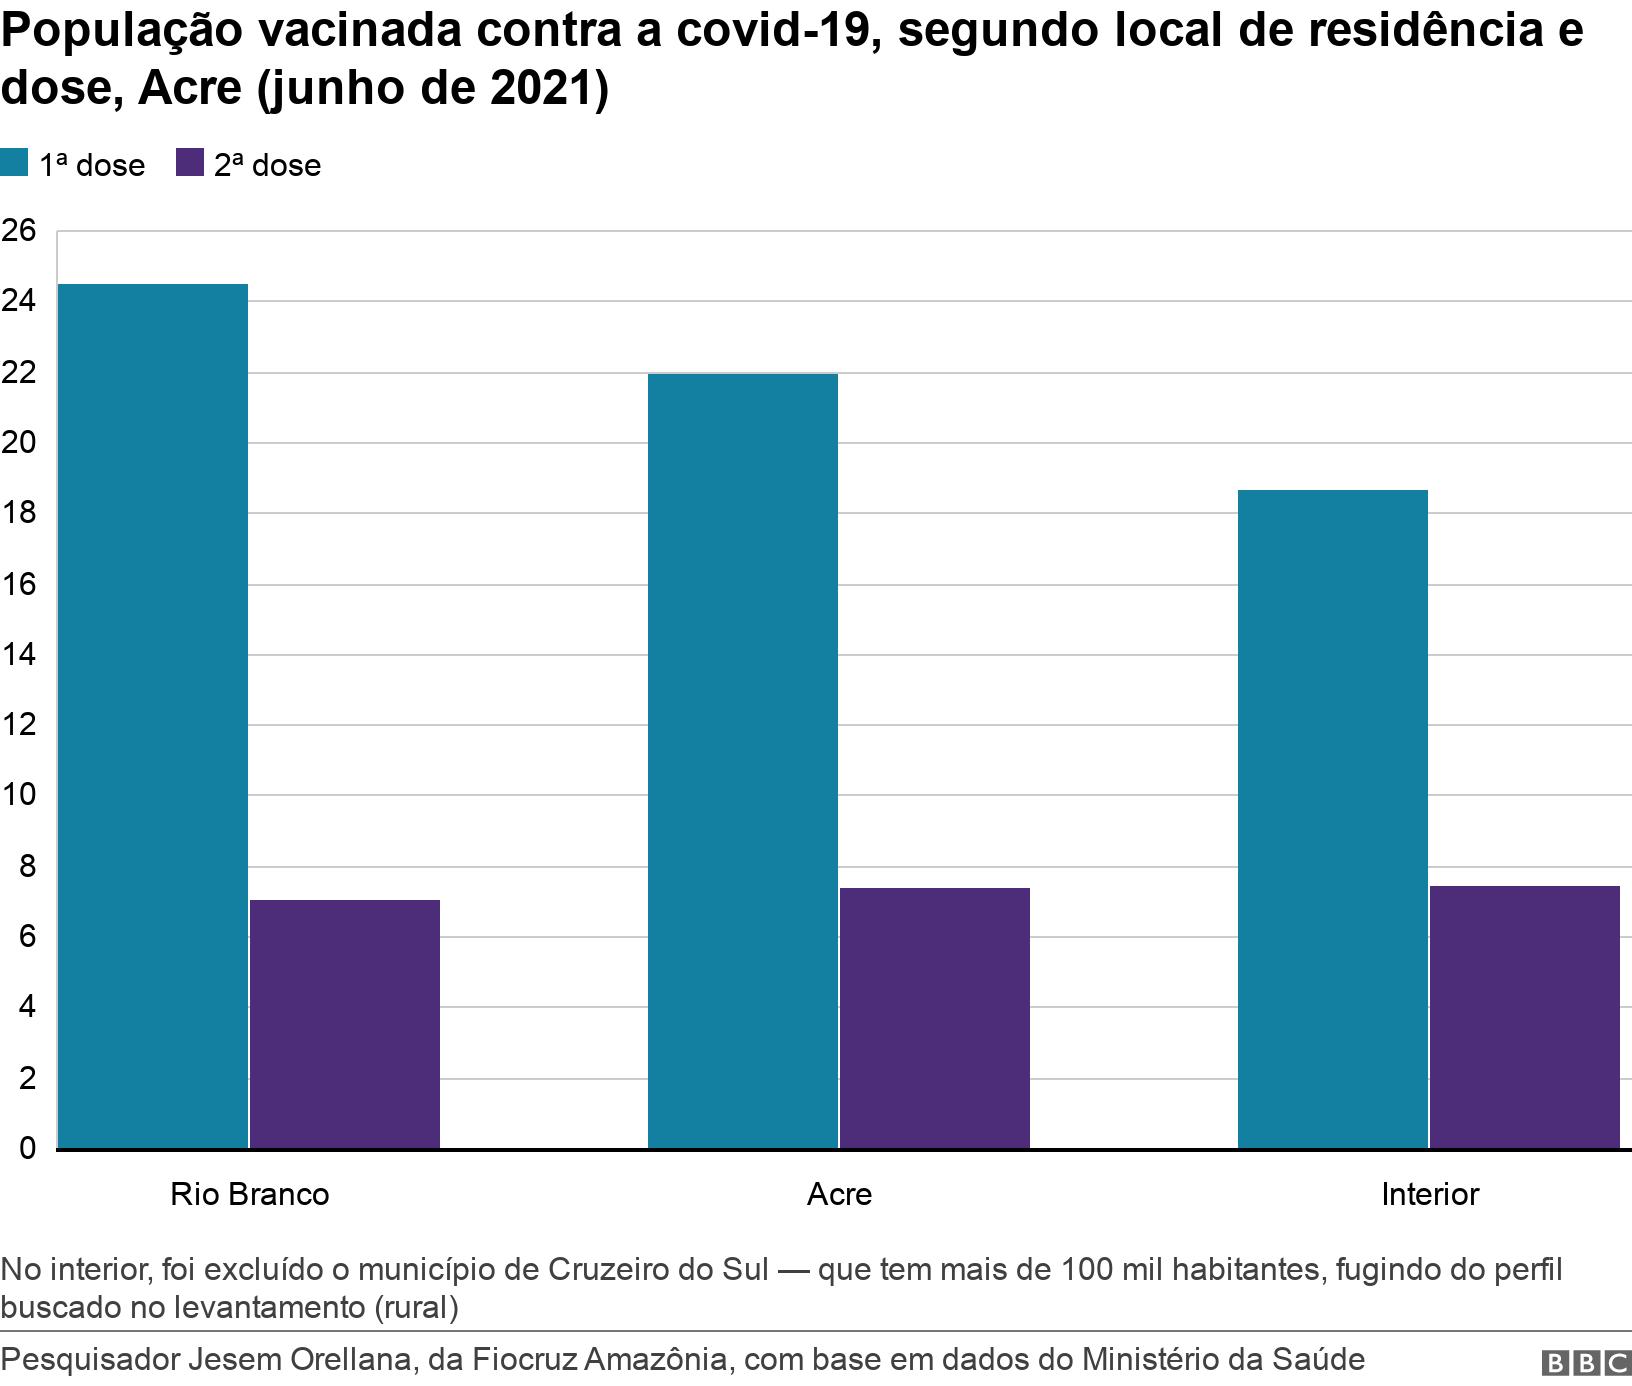 População vacinada contra a covid-19, segundo local de residência e dose, Acre (junho de 2021). .  No interior, foi excluído o município de Cruzeiro do Sul — que tem mais de 100 mil habitantes, fugindo do perfil buscado no levantamento (rural).